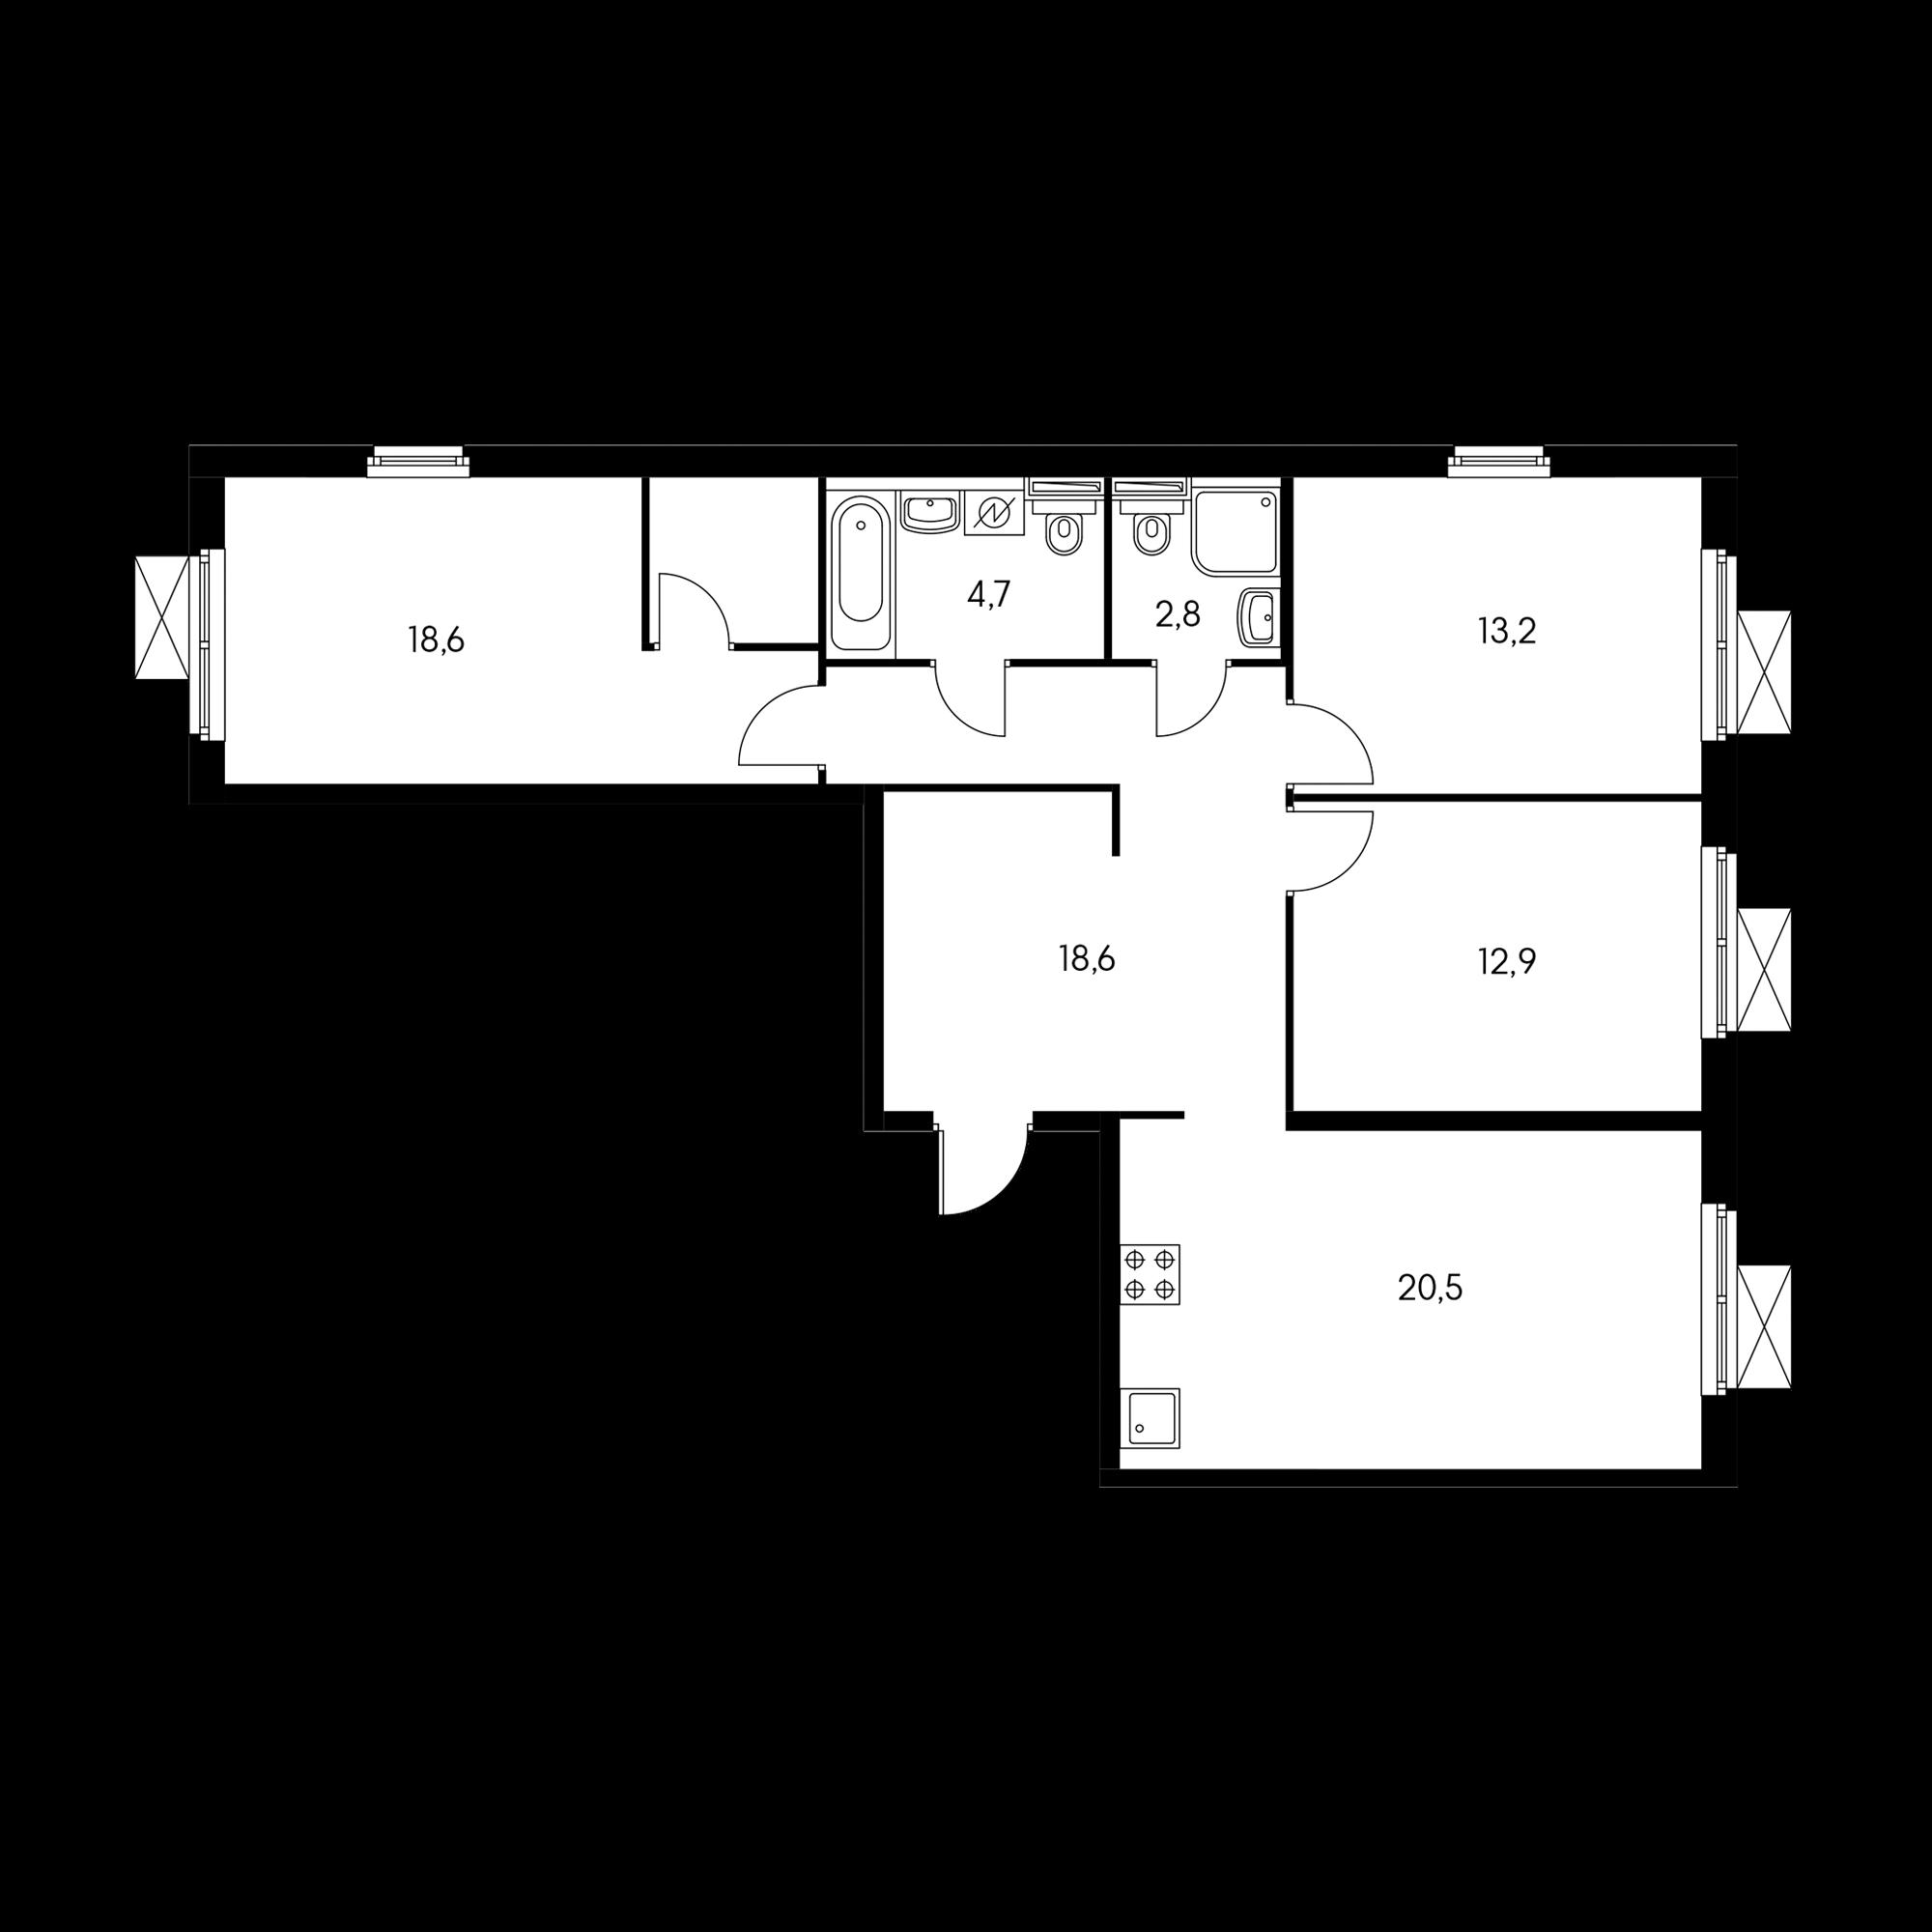 3EL3_10.2-1_Т*